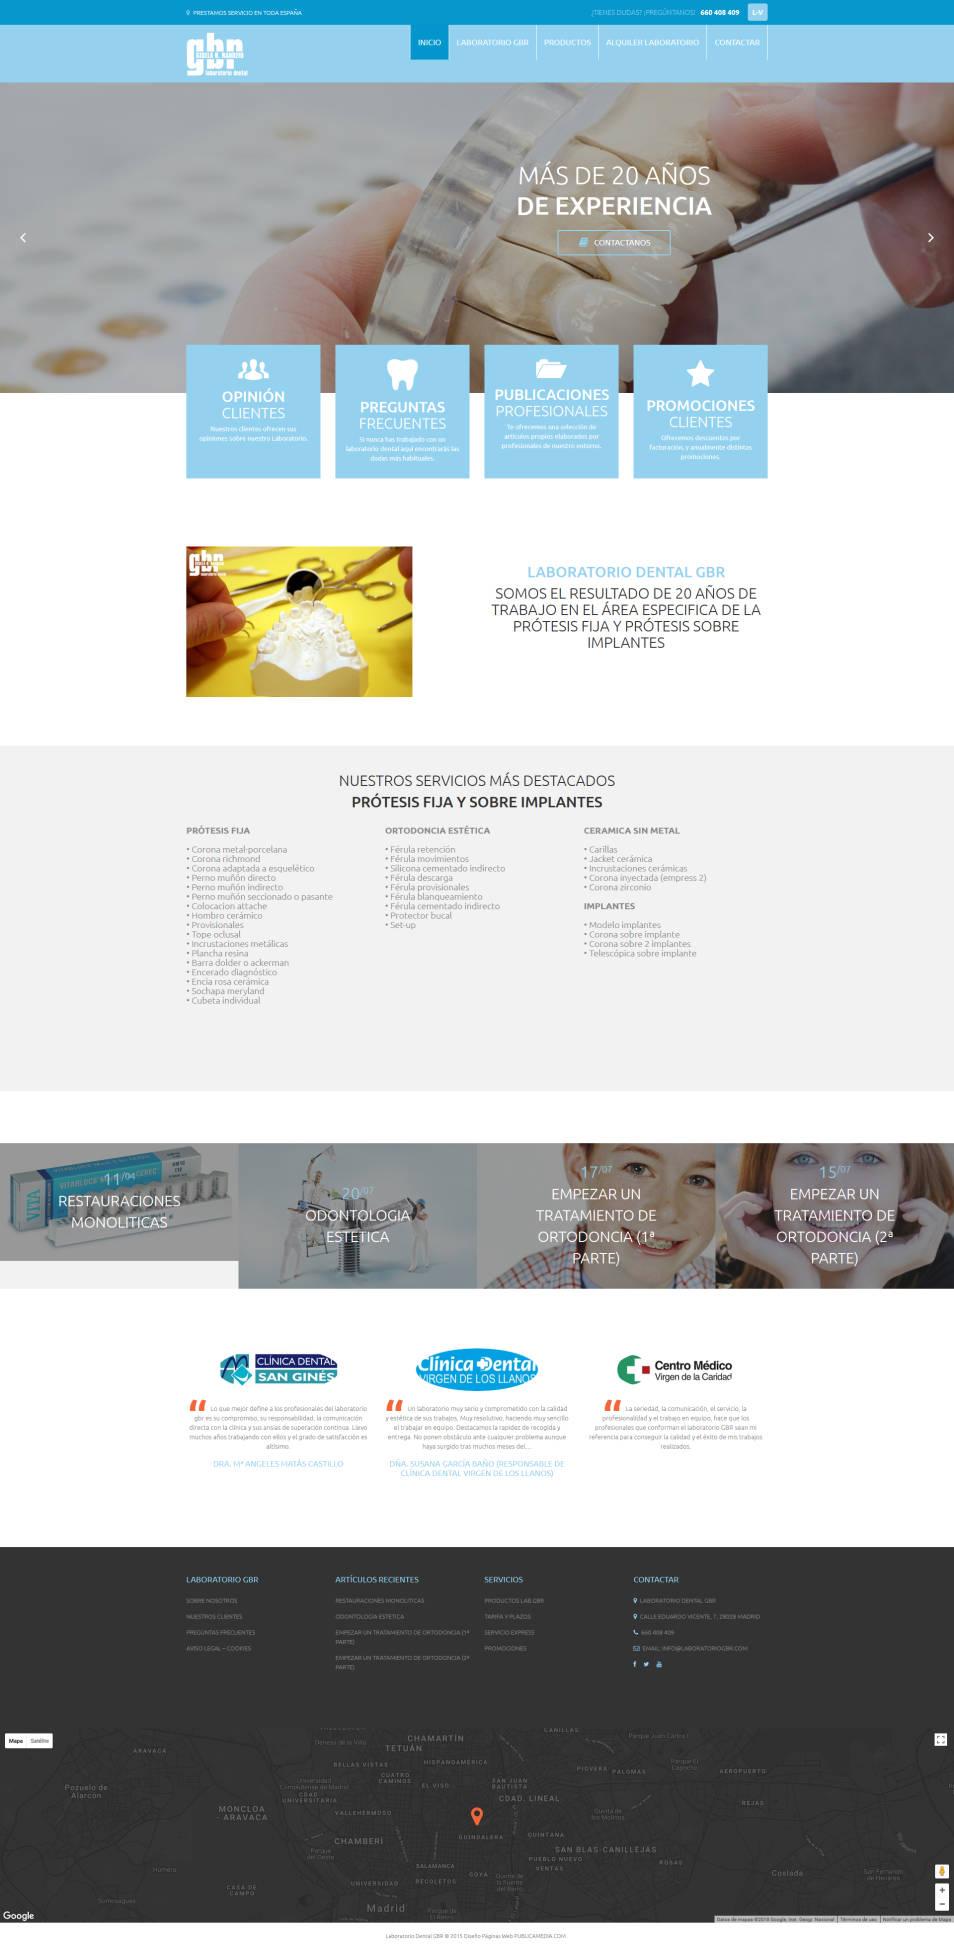 laboratoriogbr.com